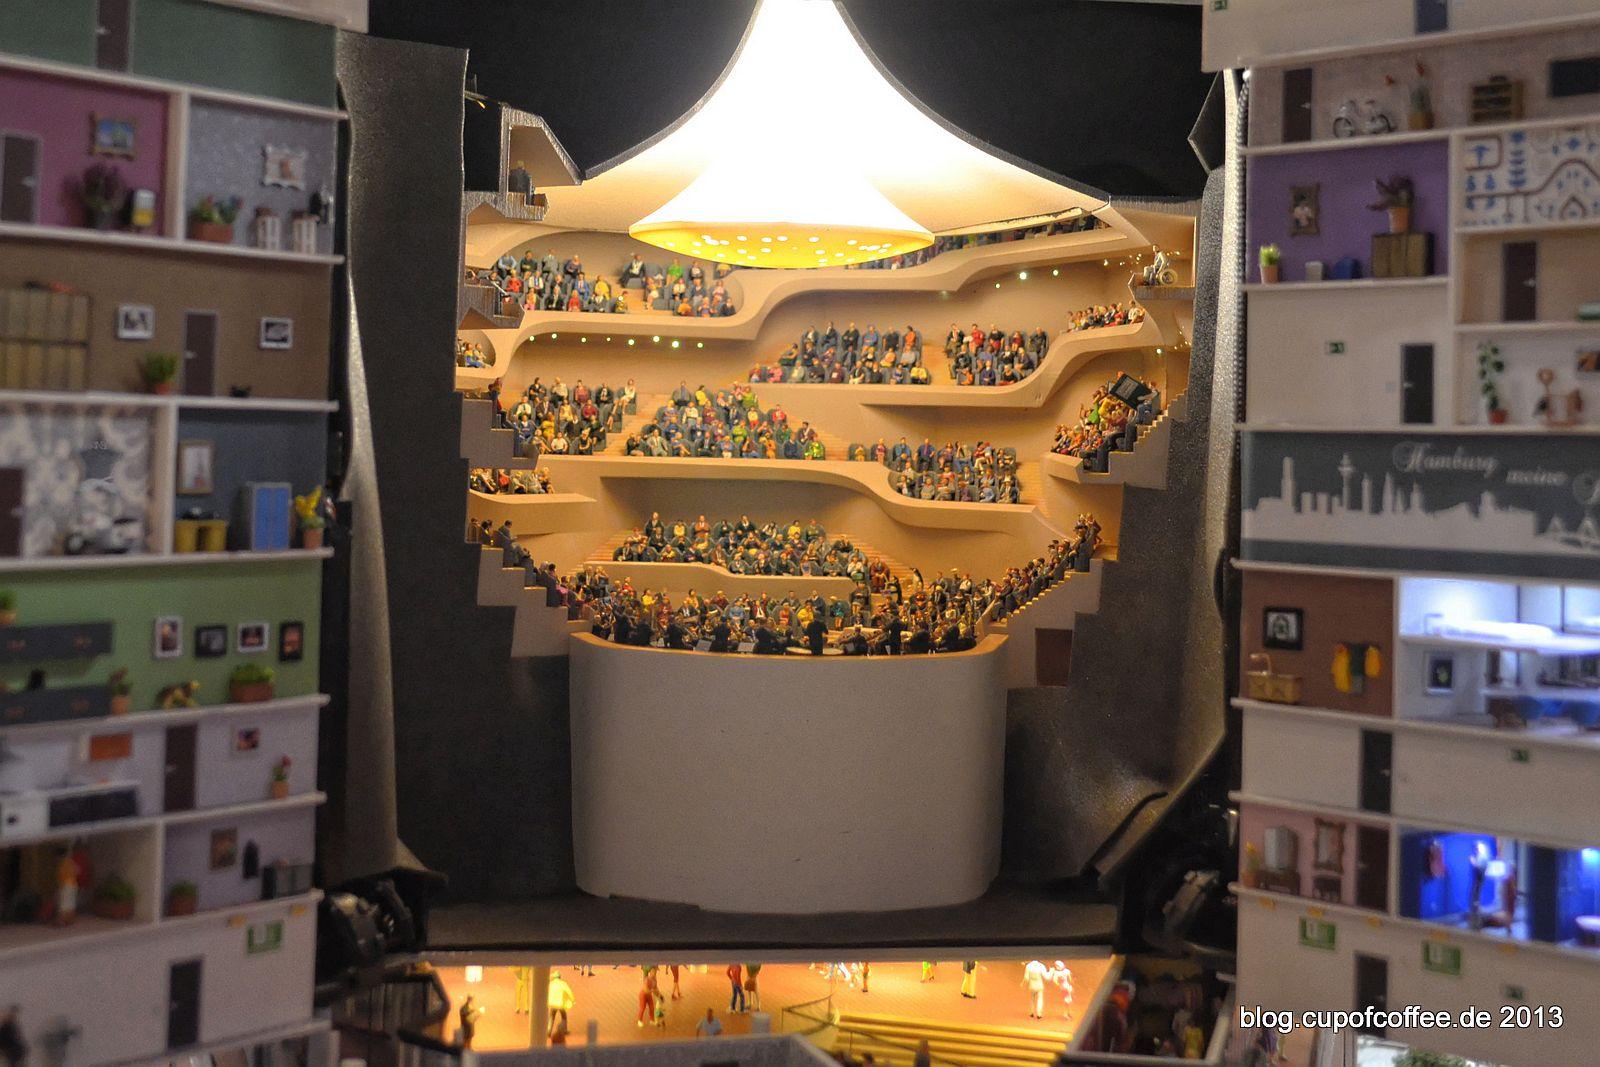 Wenn sich die Fassade öffnet, kommt Leben ins Orchester.